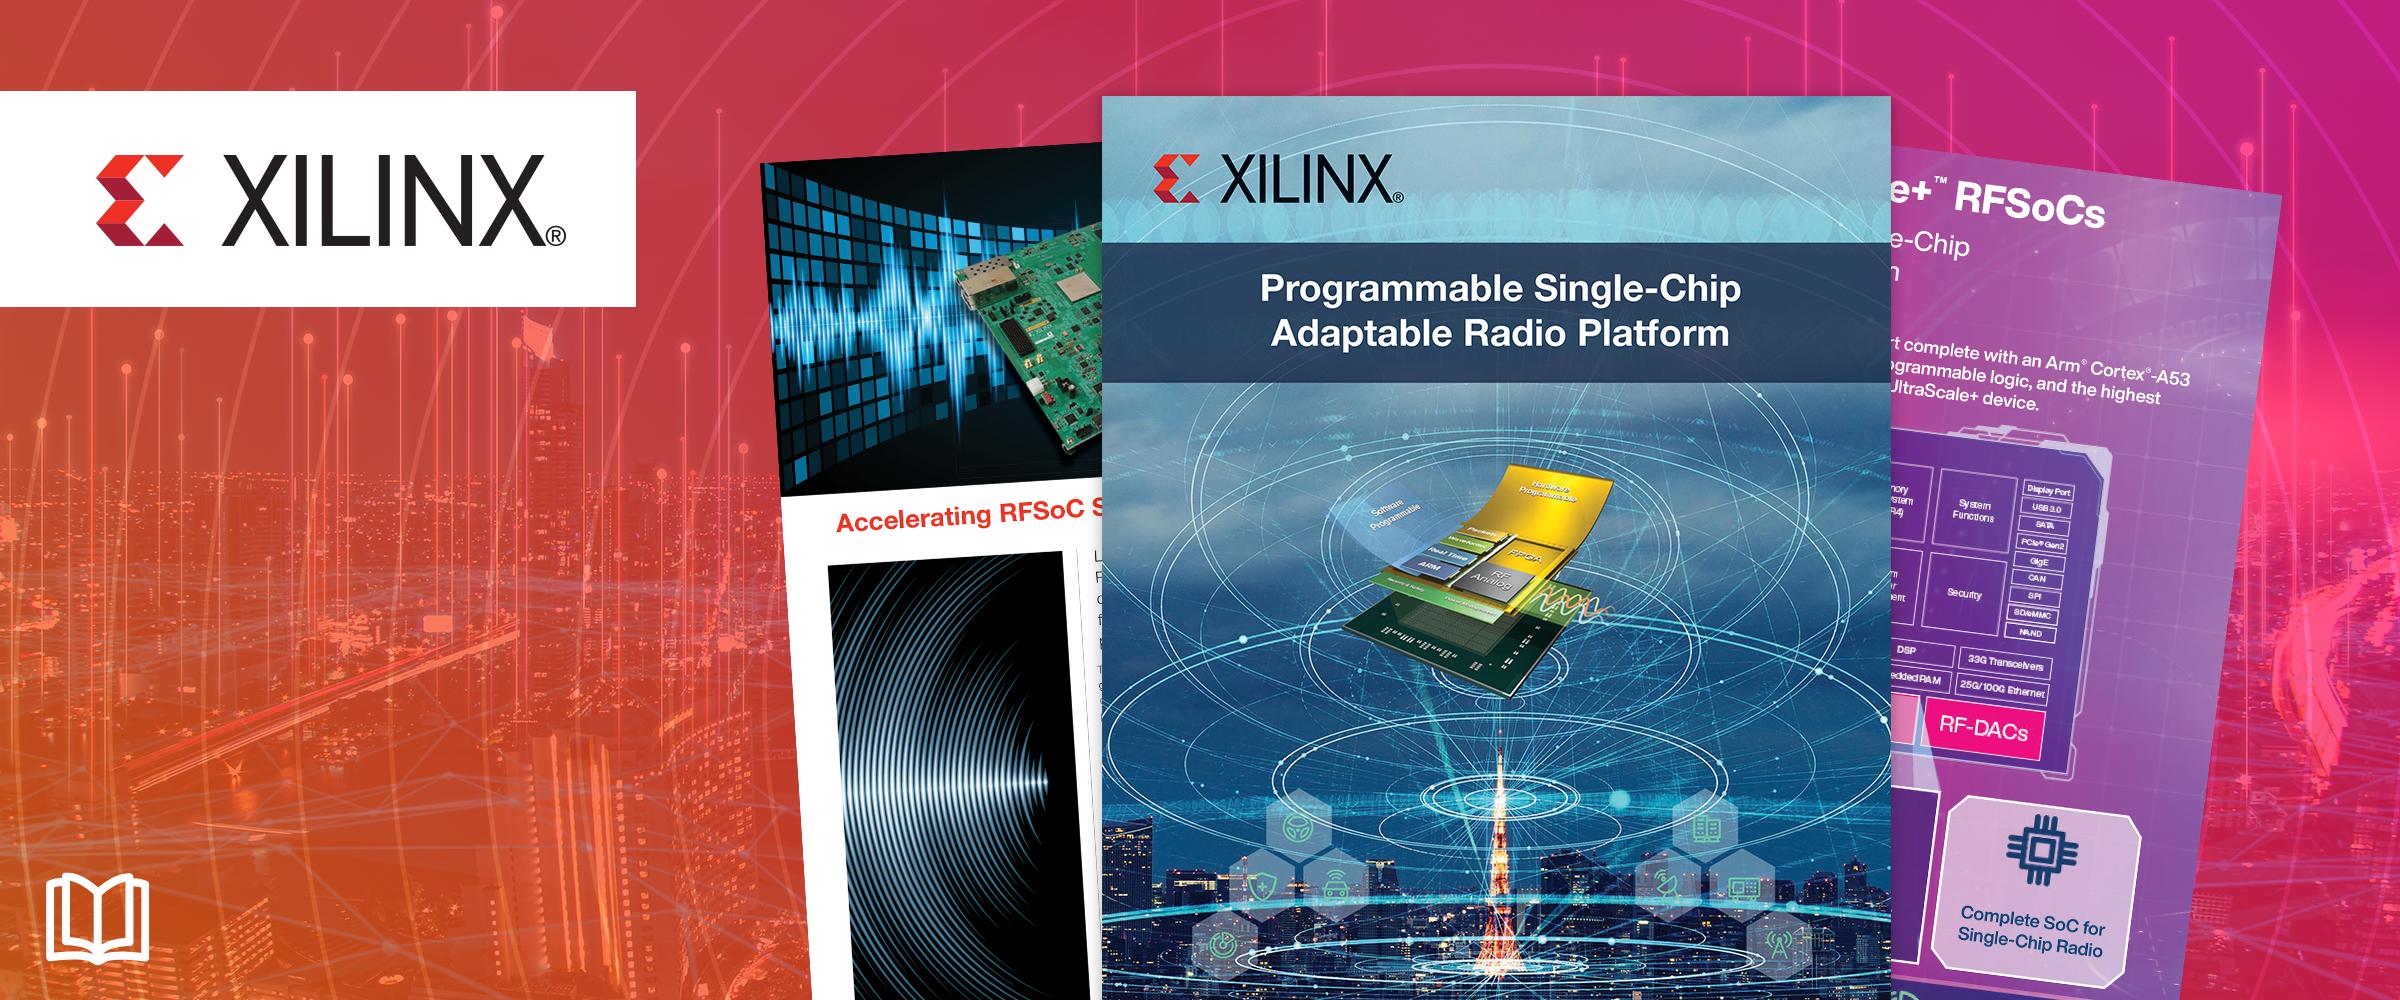 贸泽携手Xilinx推出全新电子书